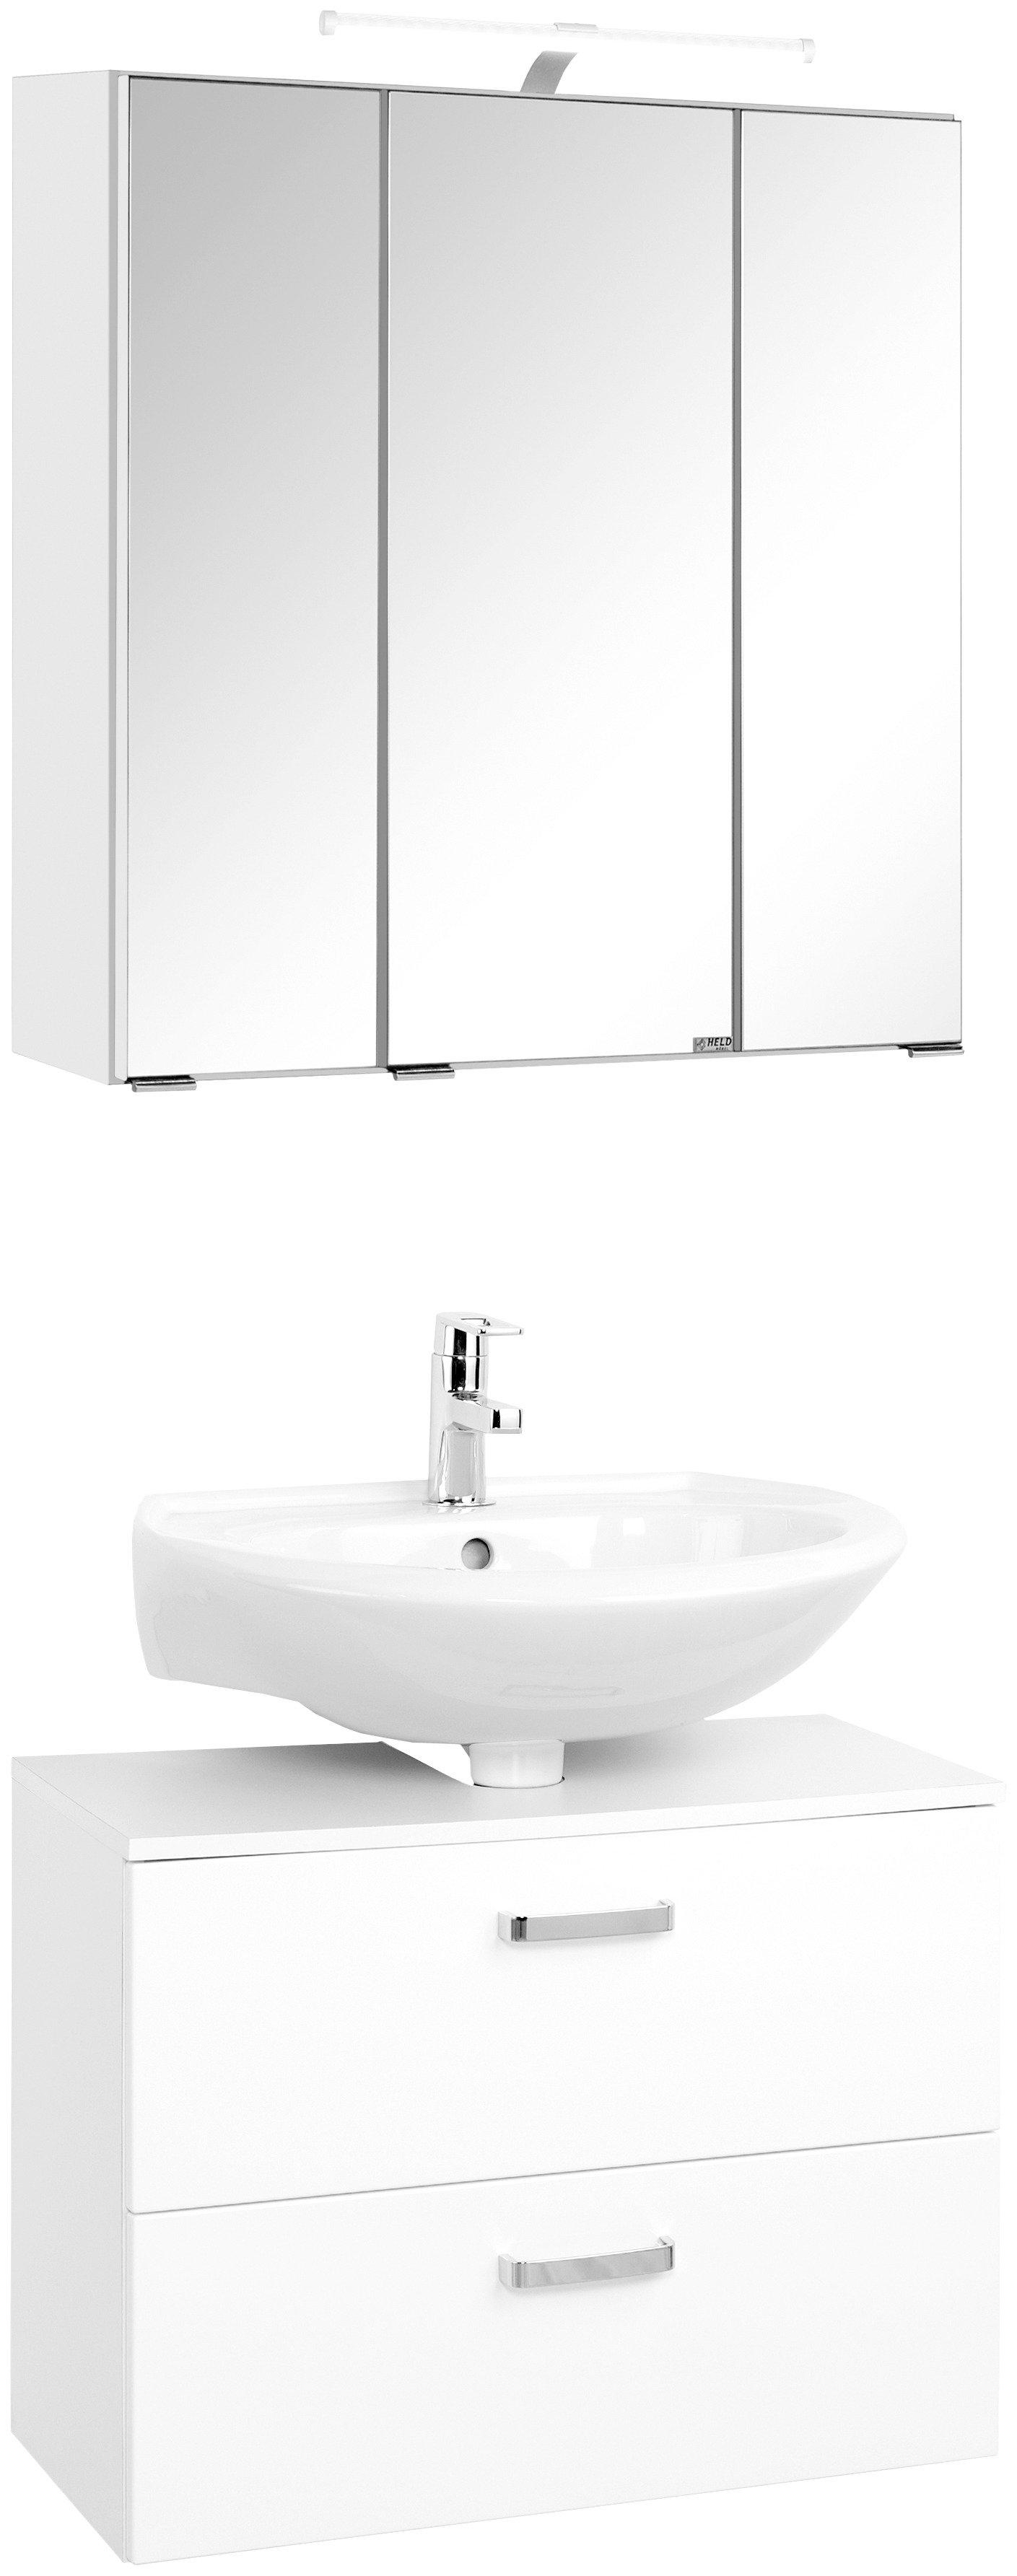 Op zoek naar een Held Möbel HELD MÖBEL badkamerserie »60«, breedte 60 cm, 2-delig? Koop online bij OTTO